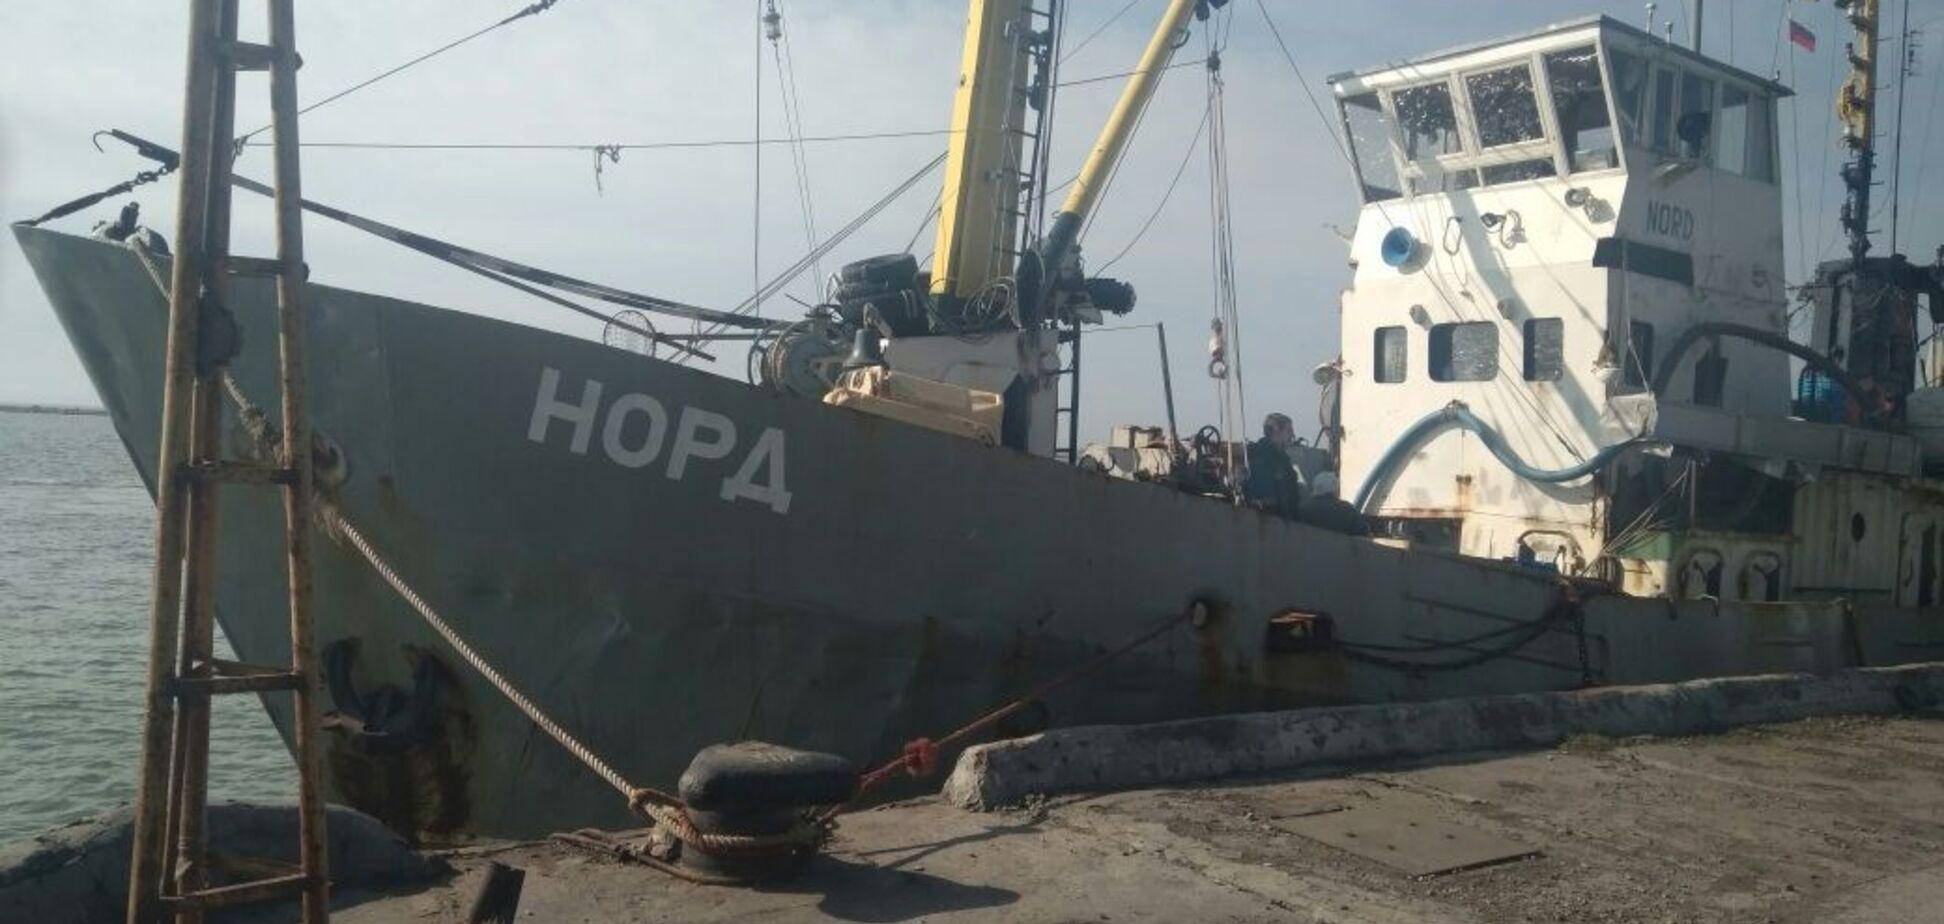 Затримання судна під прапором РФ в Україні: ФСБ почала справу